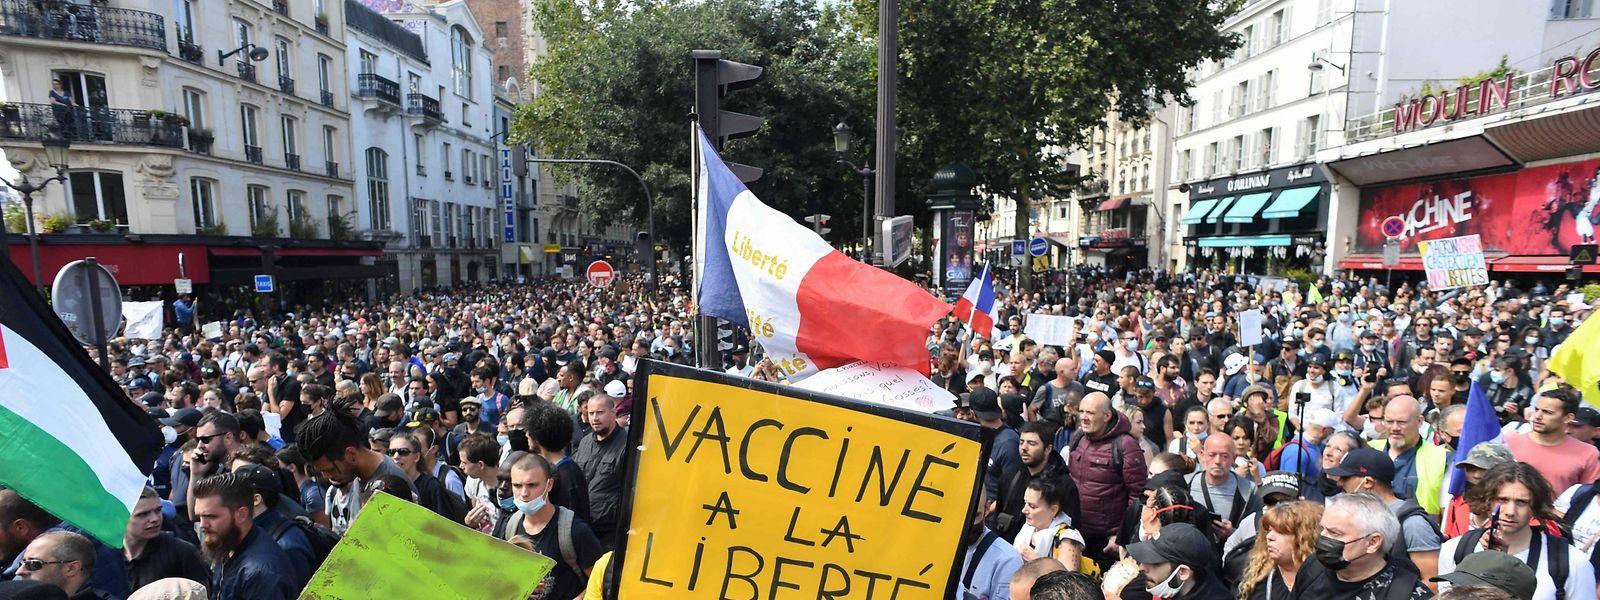 Die erneuten Proteste könnten für den französischen Präsidenten Emmanuel Macron Probleme bedeuten.